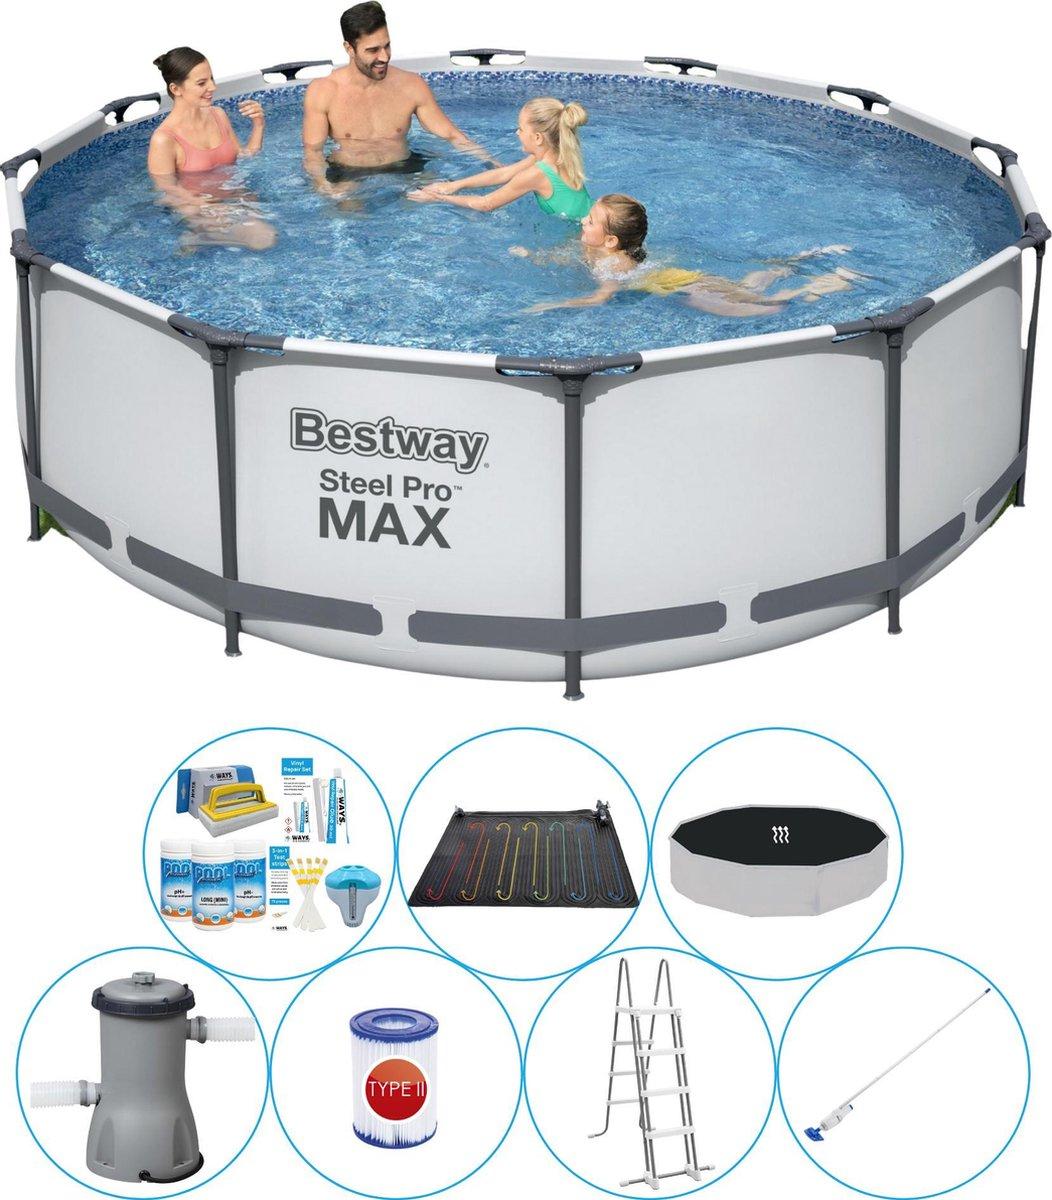 Zwembad Deal - Bestway Steel Pro MAX Rond 366x100 cm